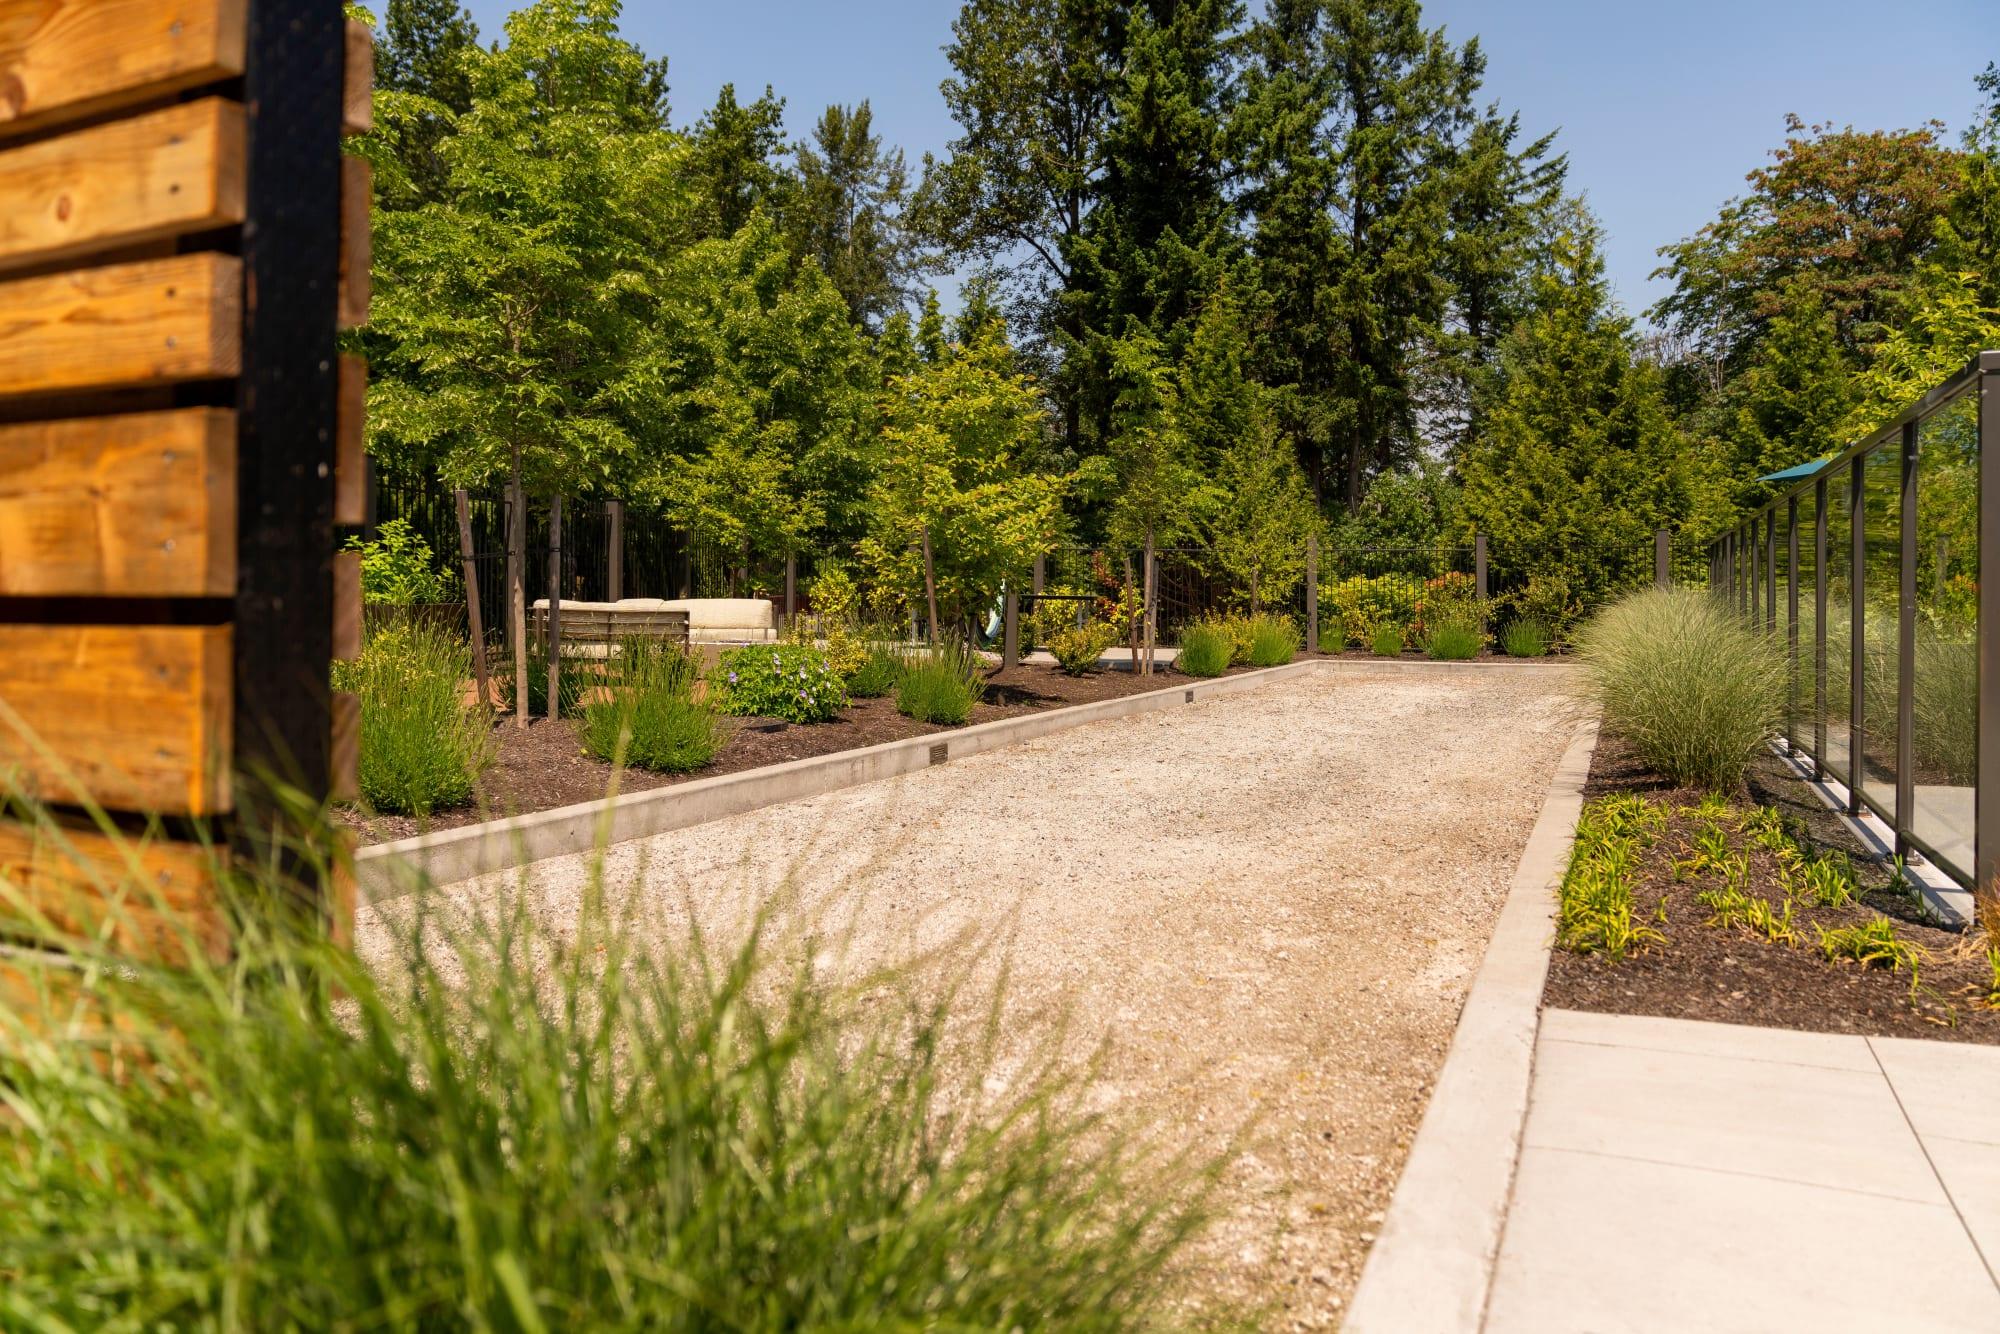 A corn hole area at Brookside Village in Auburn, Washington